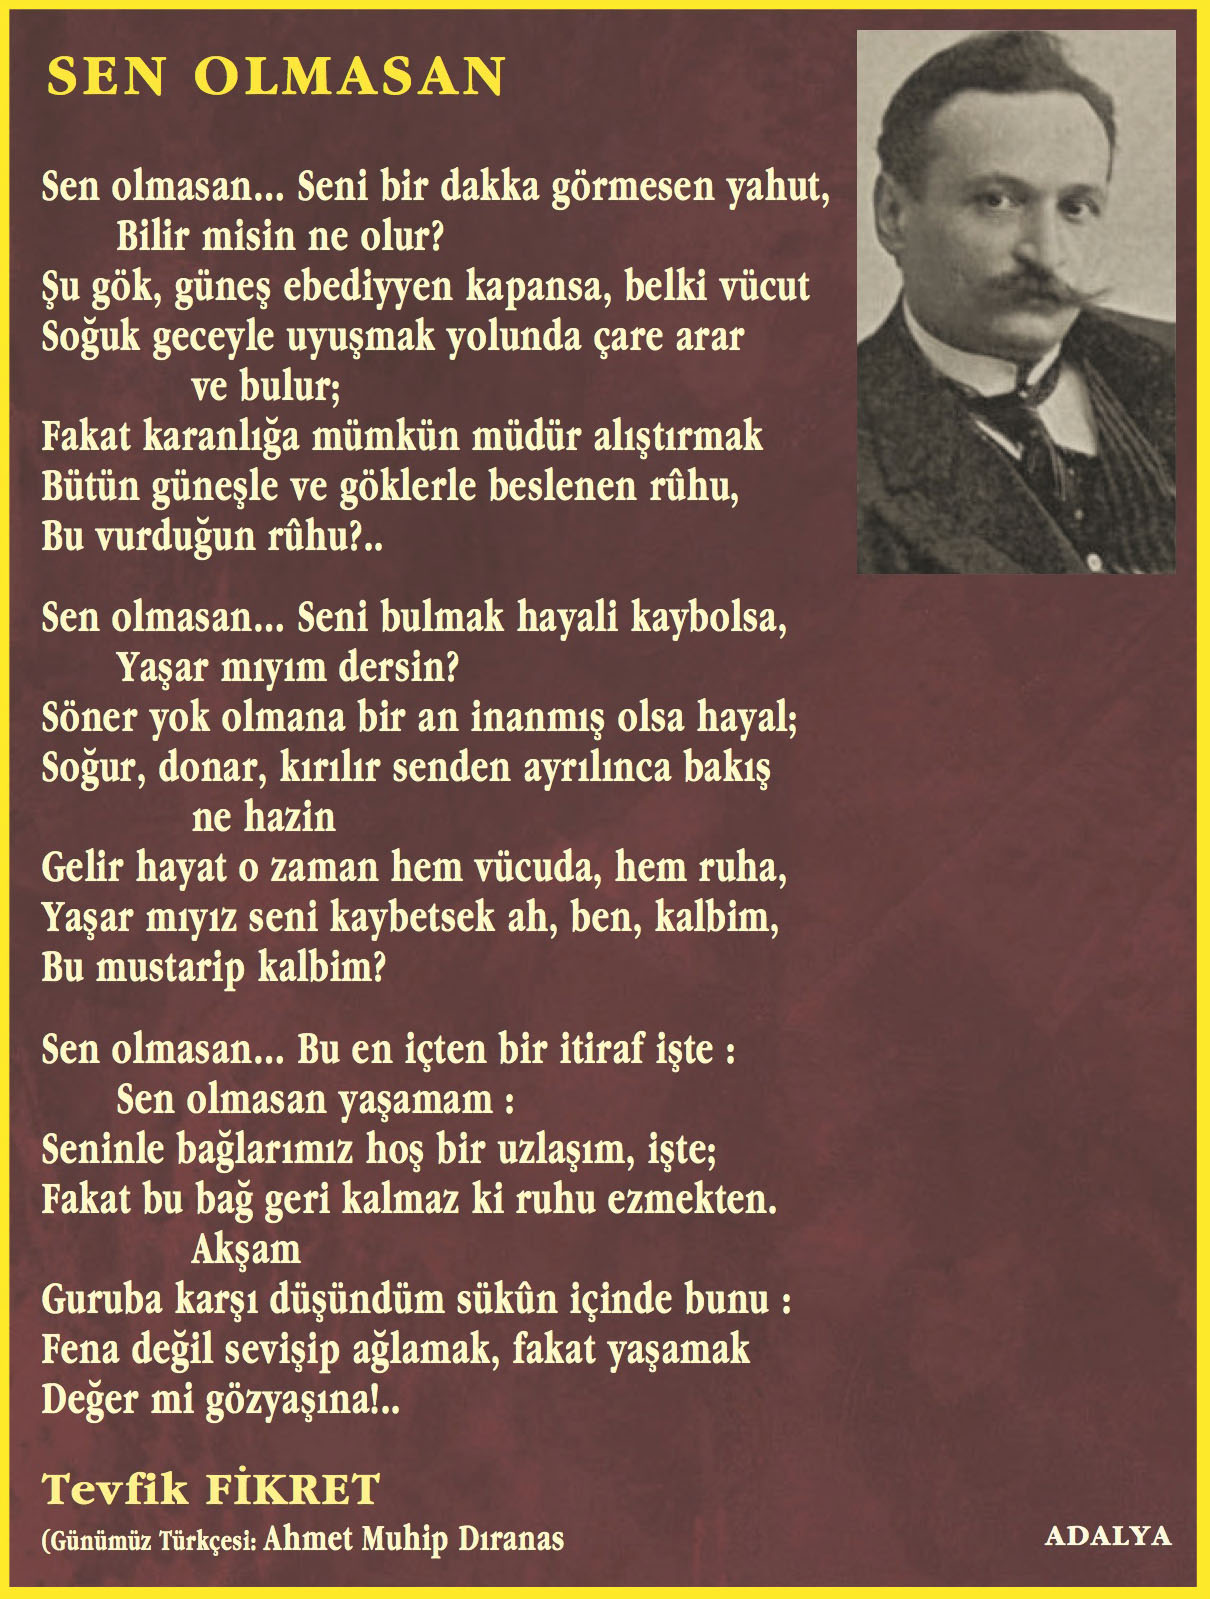 Tevfik Fikret Sen Olmasan Simge şiir Edebiyat